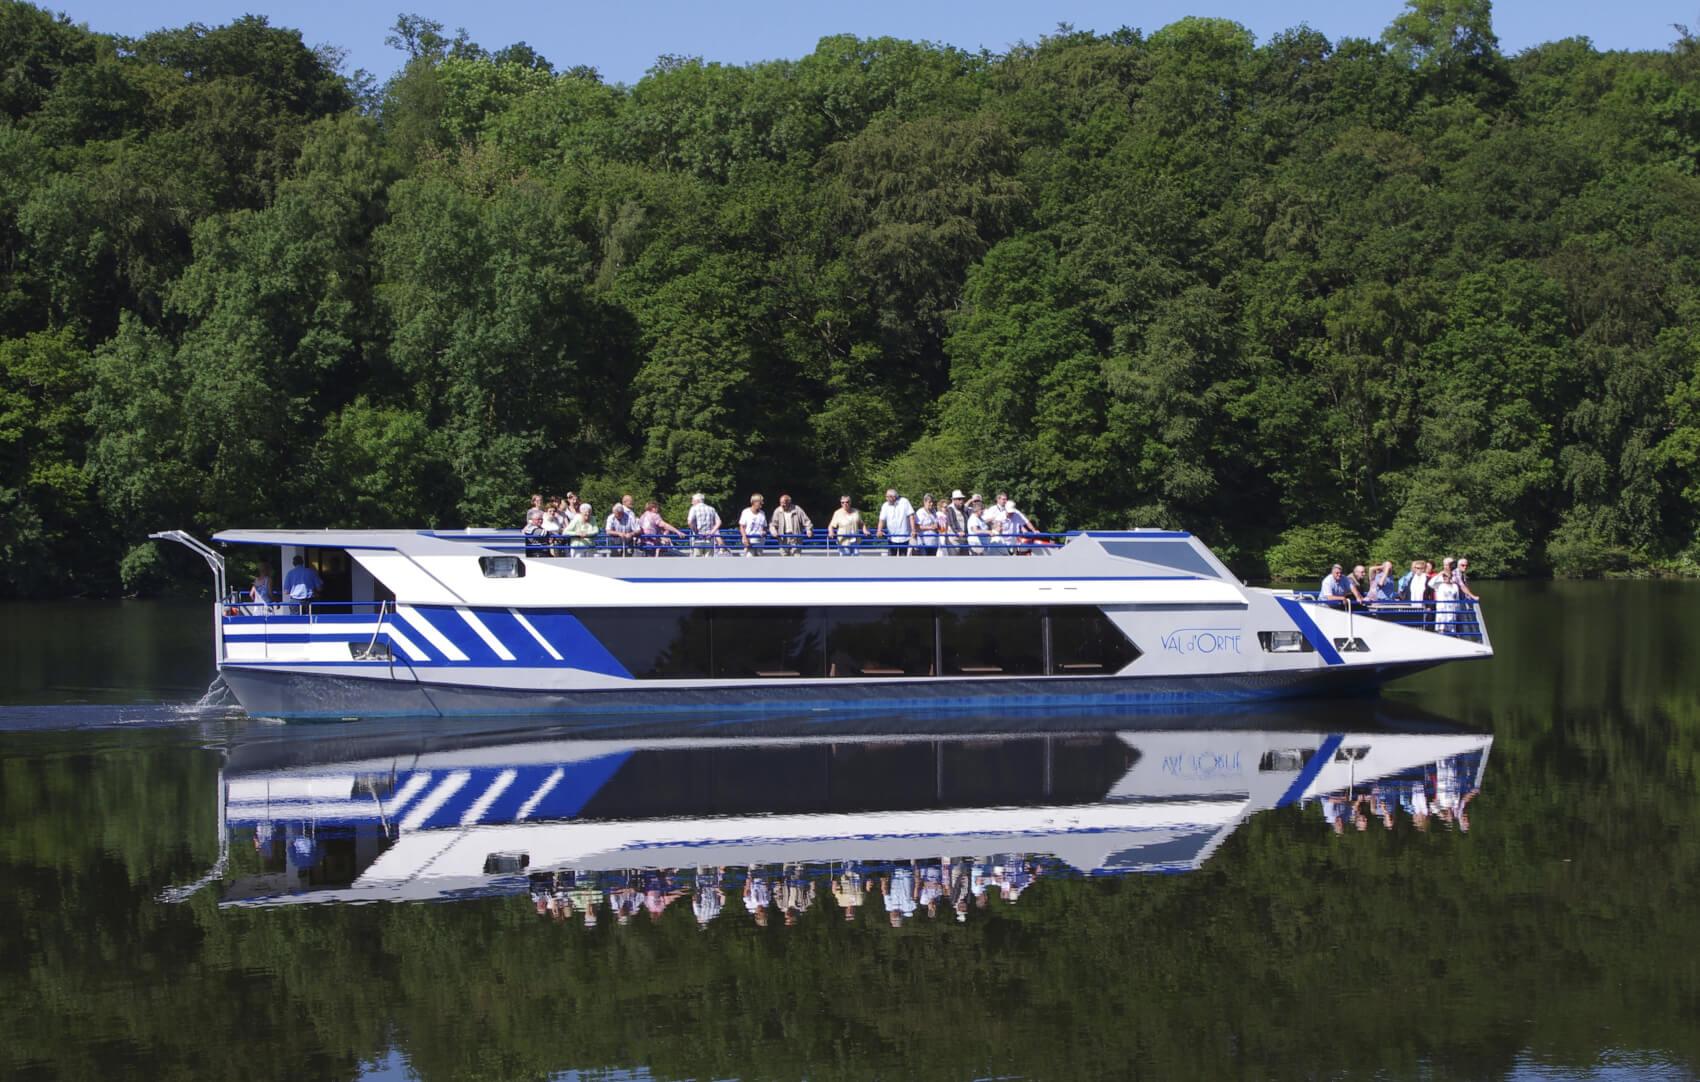 Déjeuner Croisière à bord du Val d'Orne sur le lac de Rabodanges, boisson comprise